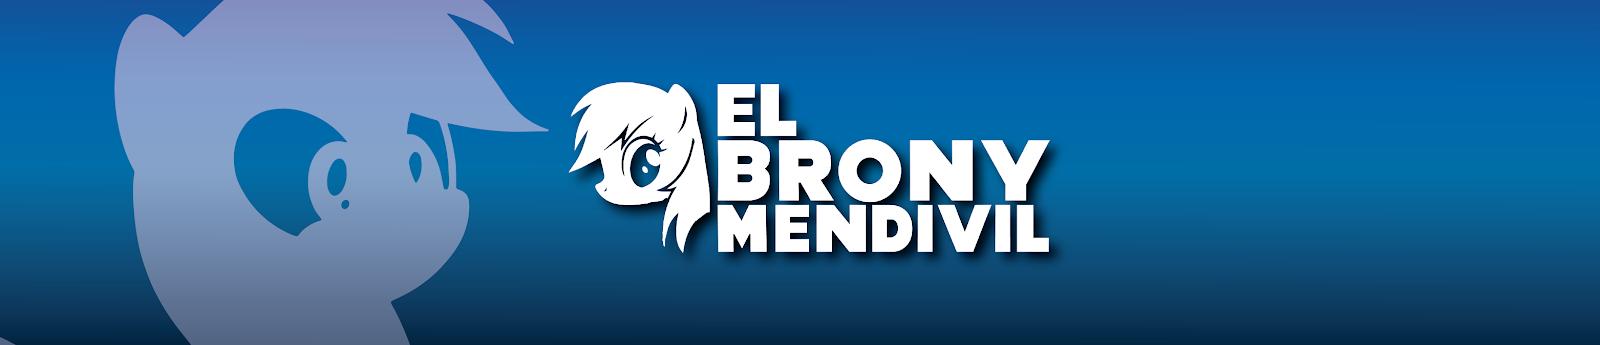 ★El Brony Mendivil★